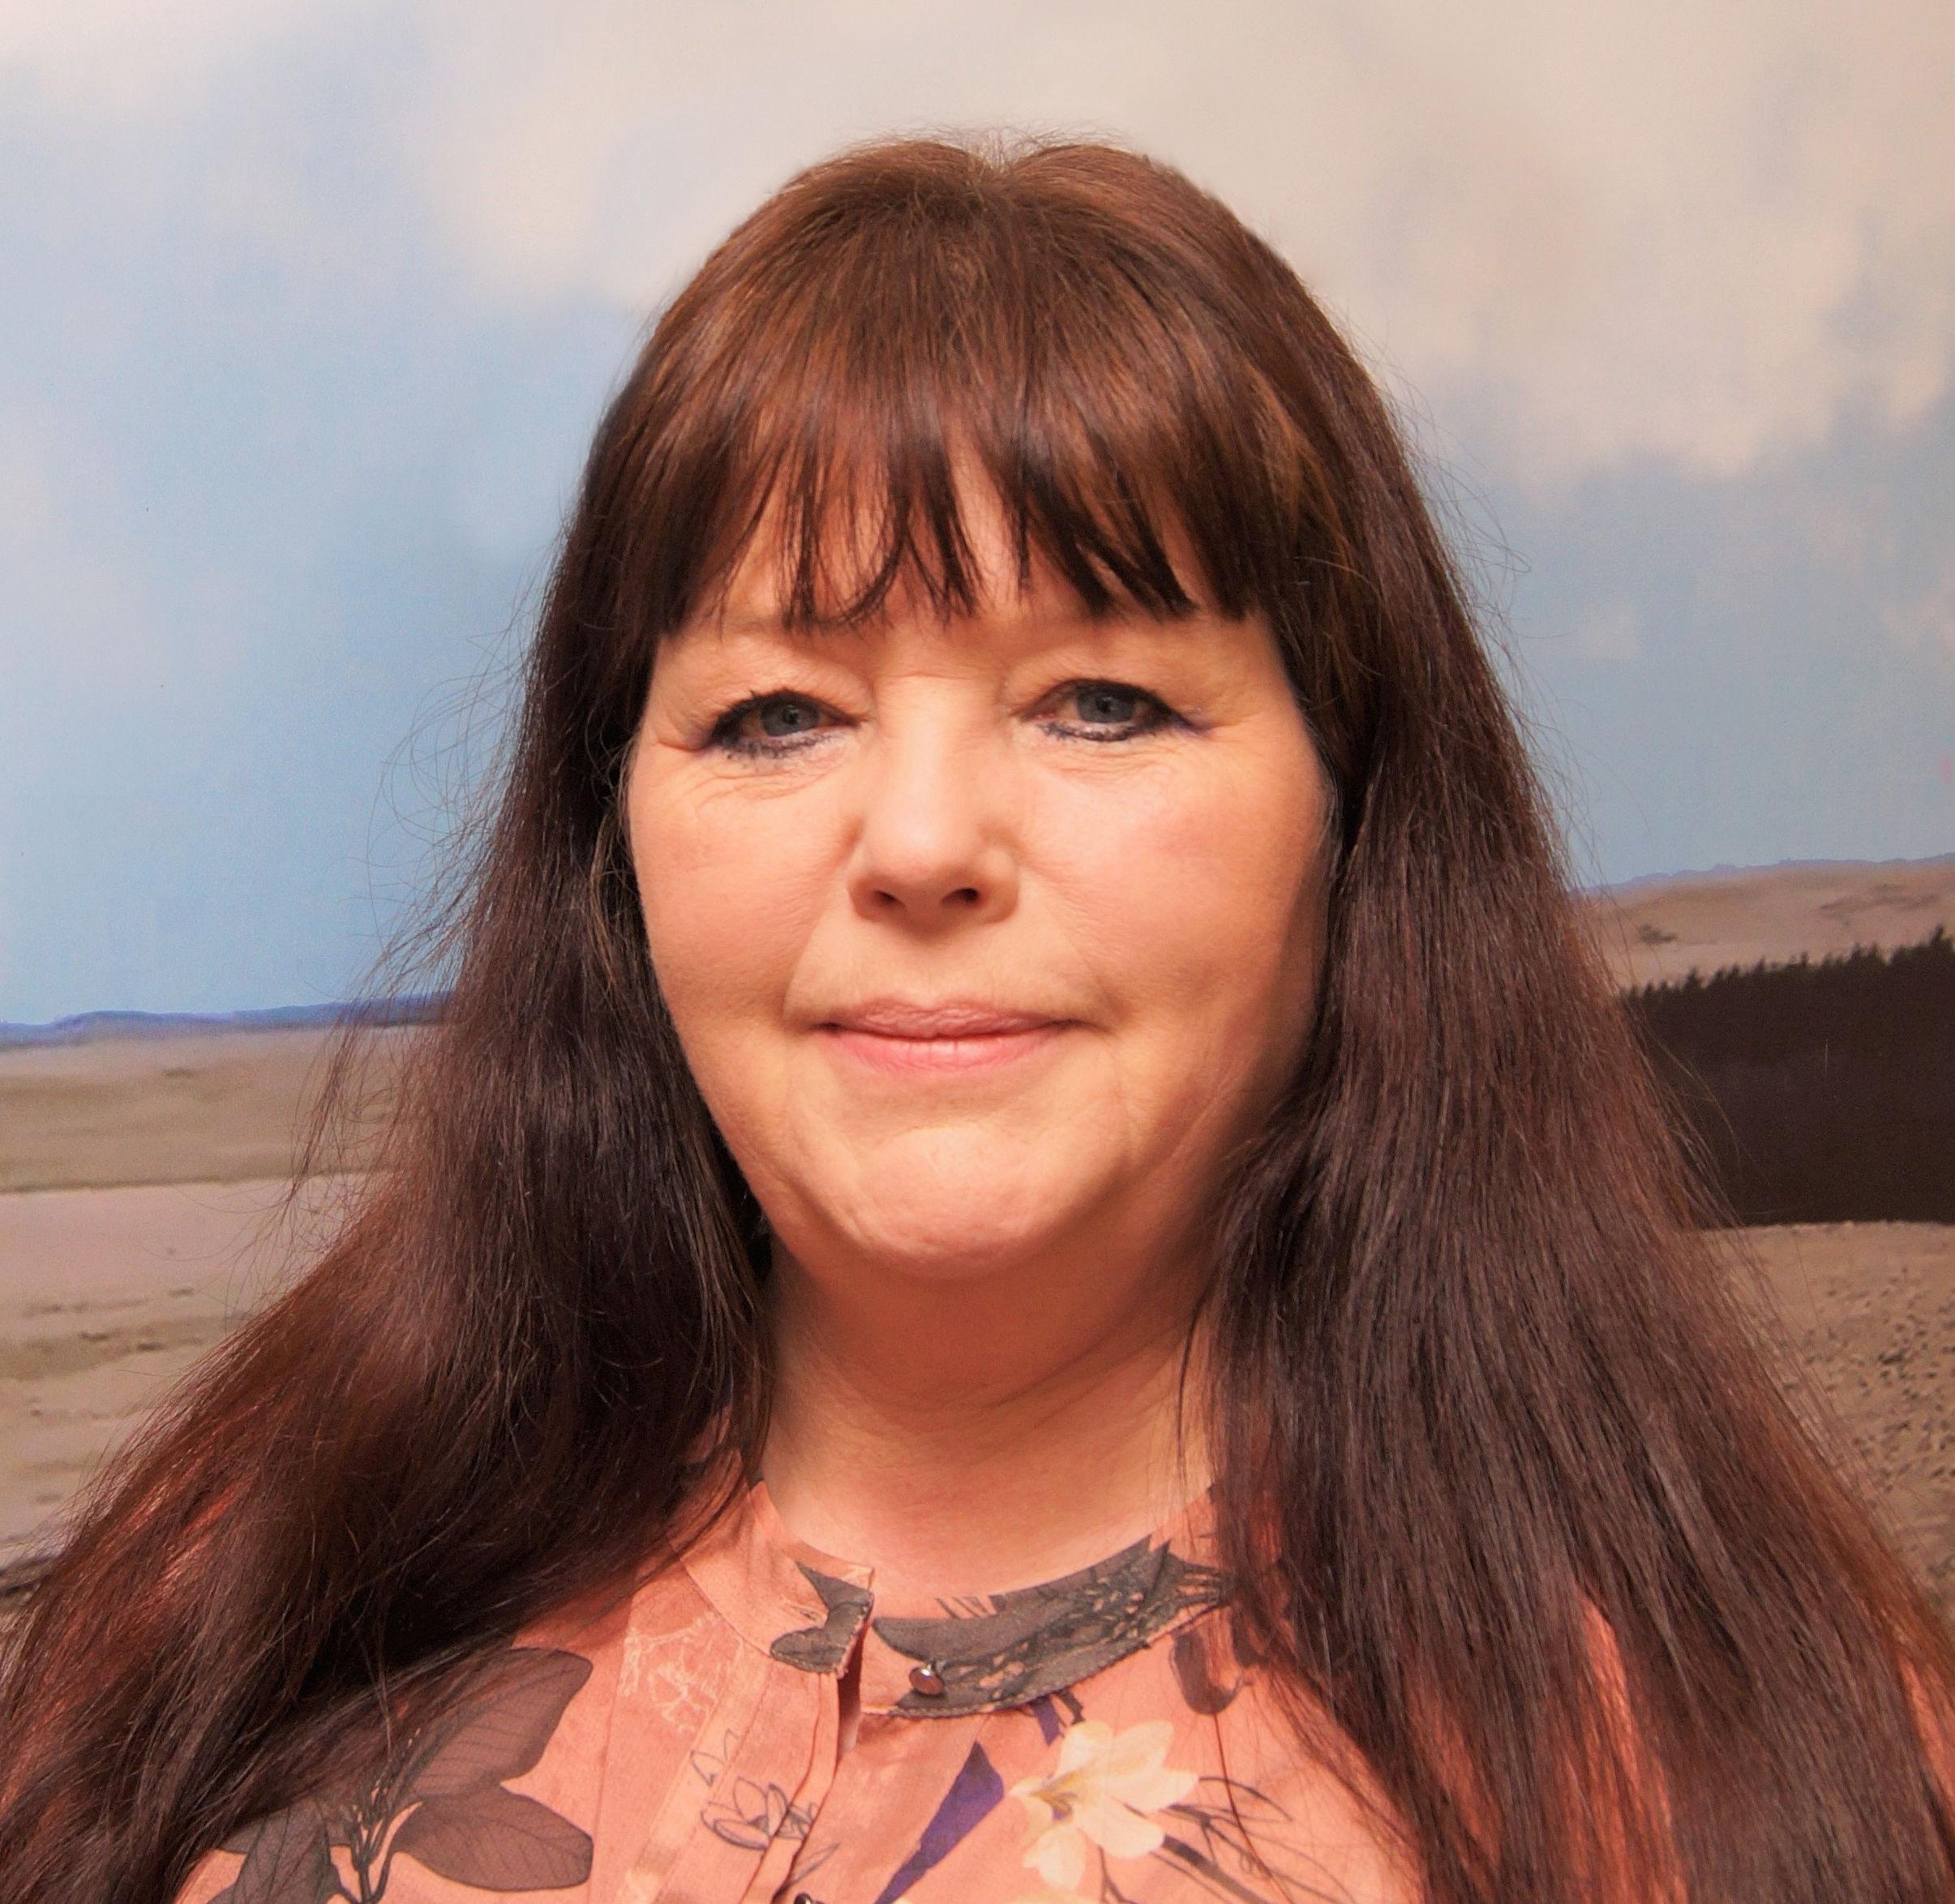 Trish Milne